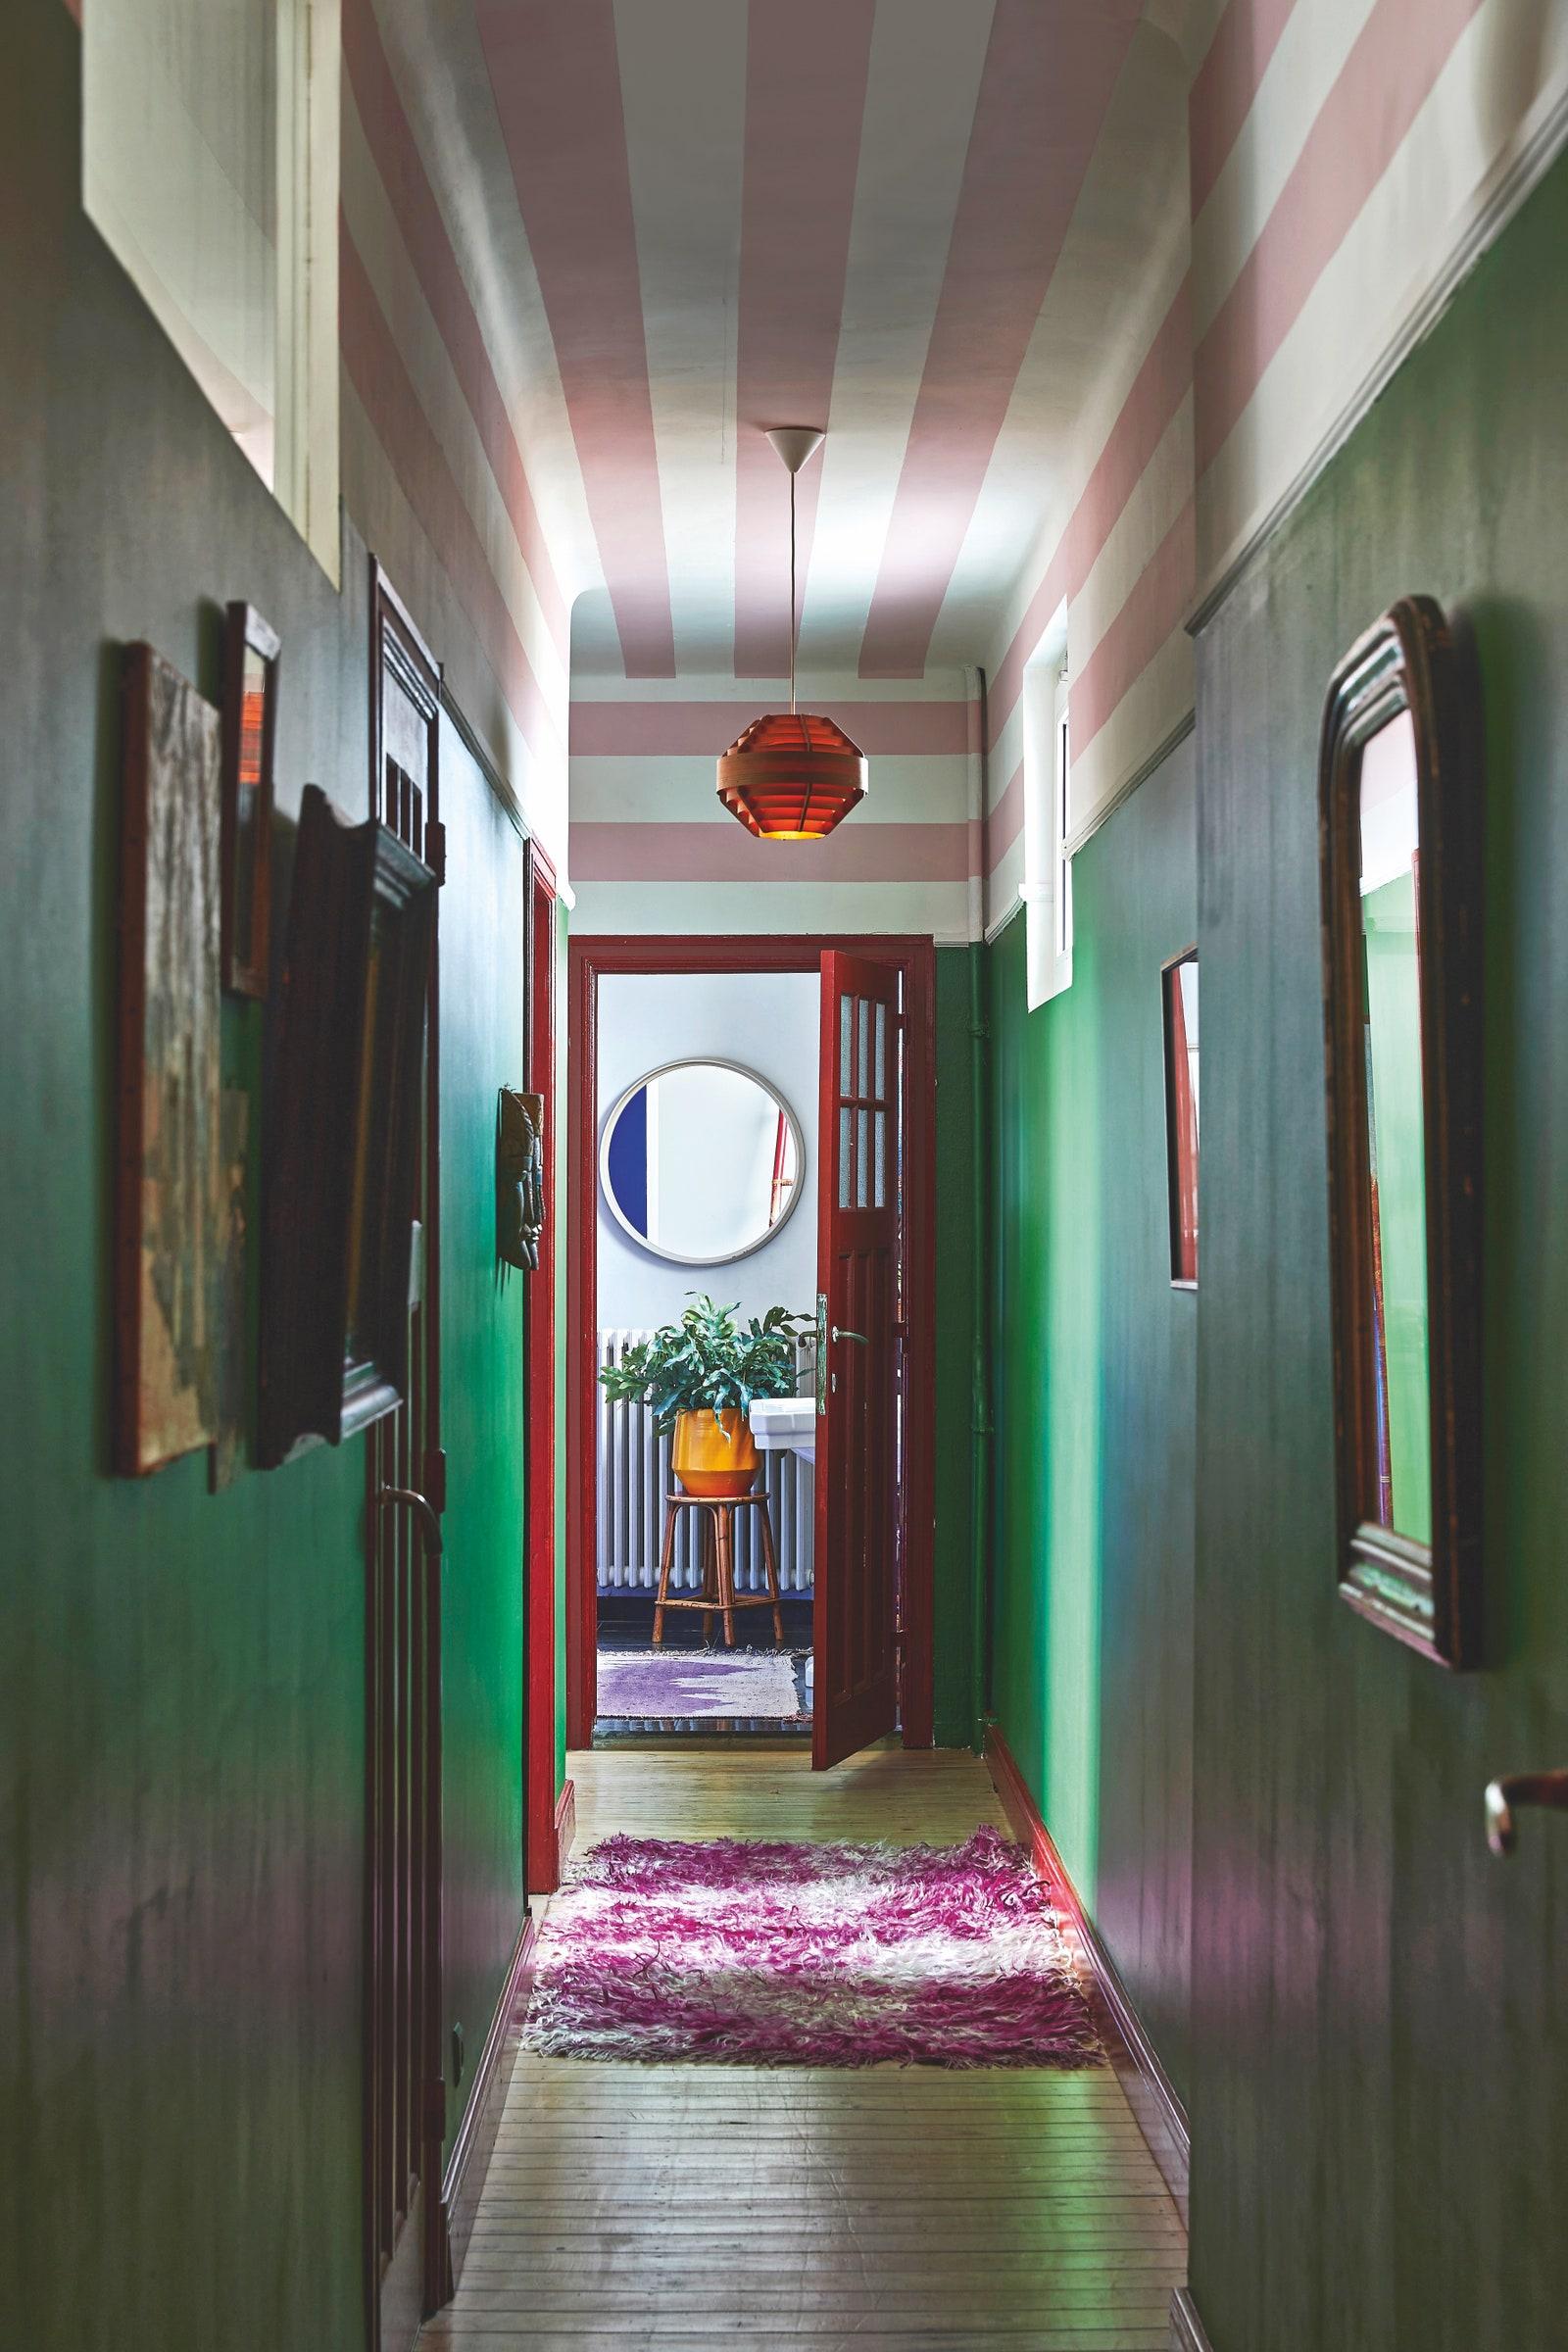 Lihatlah ke lorong di sepanjang dinding hijau dan garis-garis merah muda yang dipenuhi gambar dan cermin.